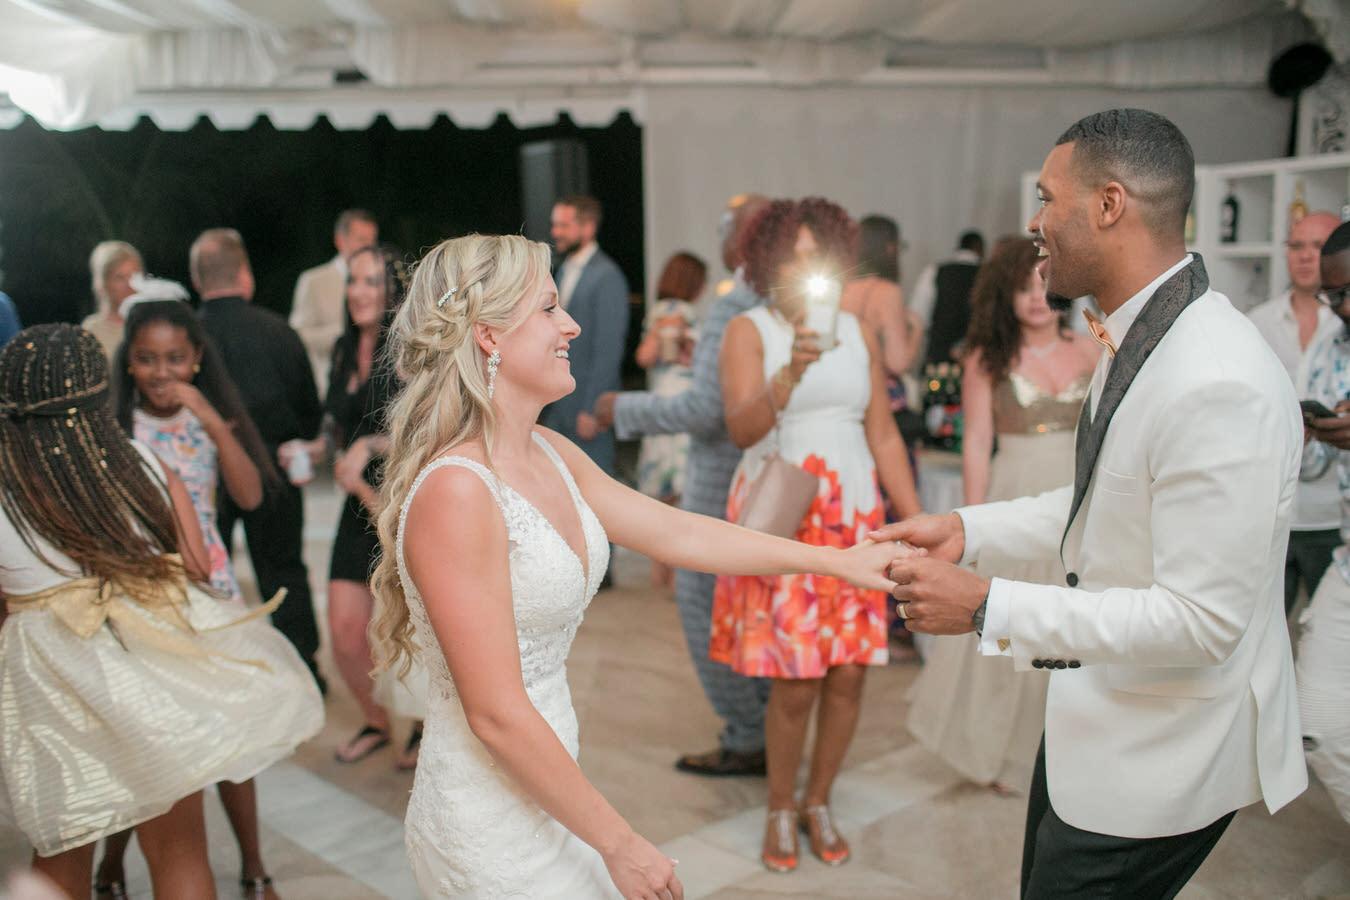 Ashley___Michael___Daniel_Ricci_Weddings_High_Res._Final_0473.jpg